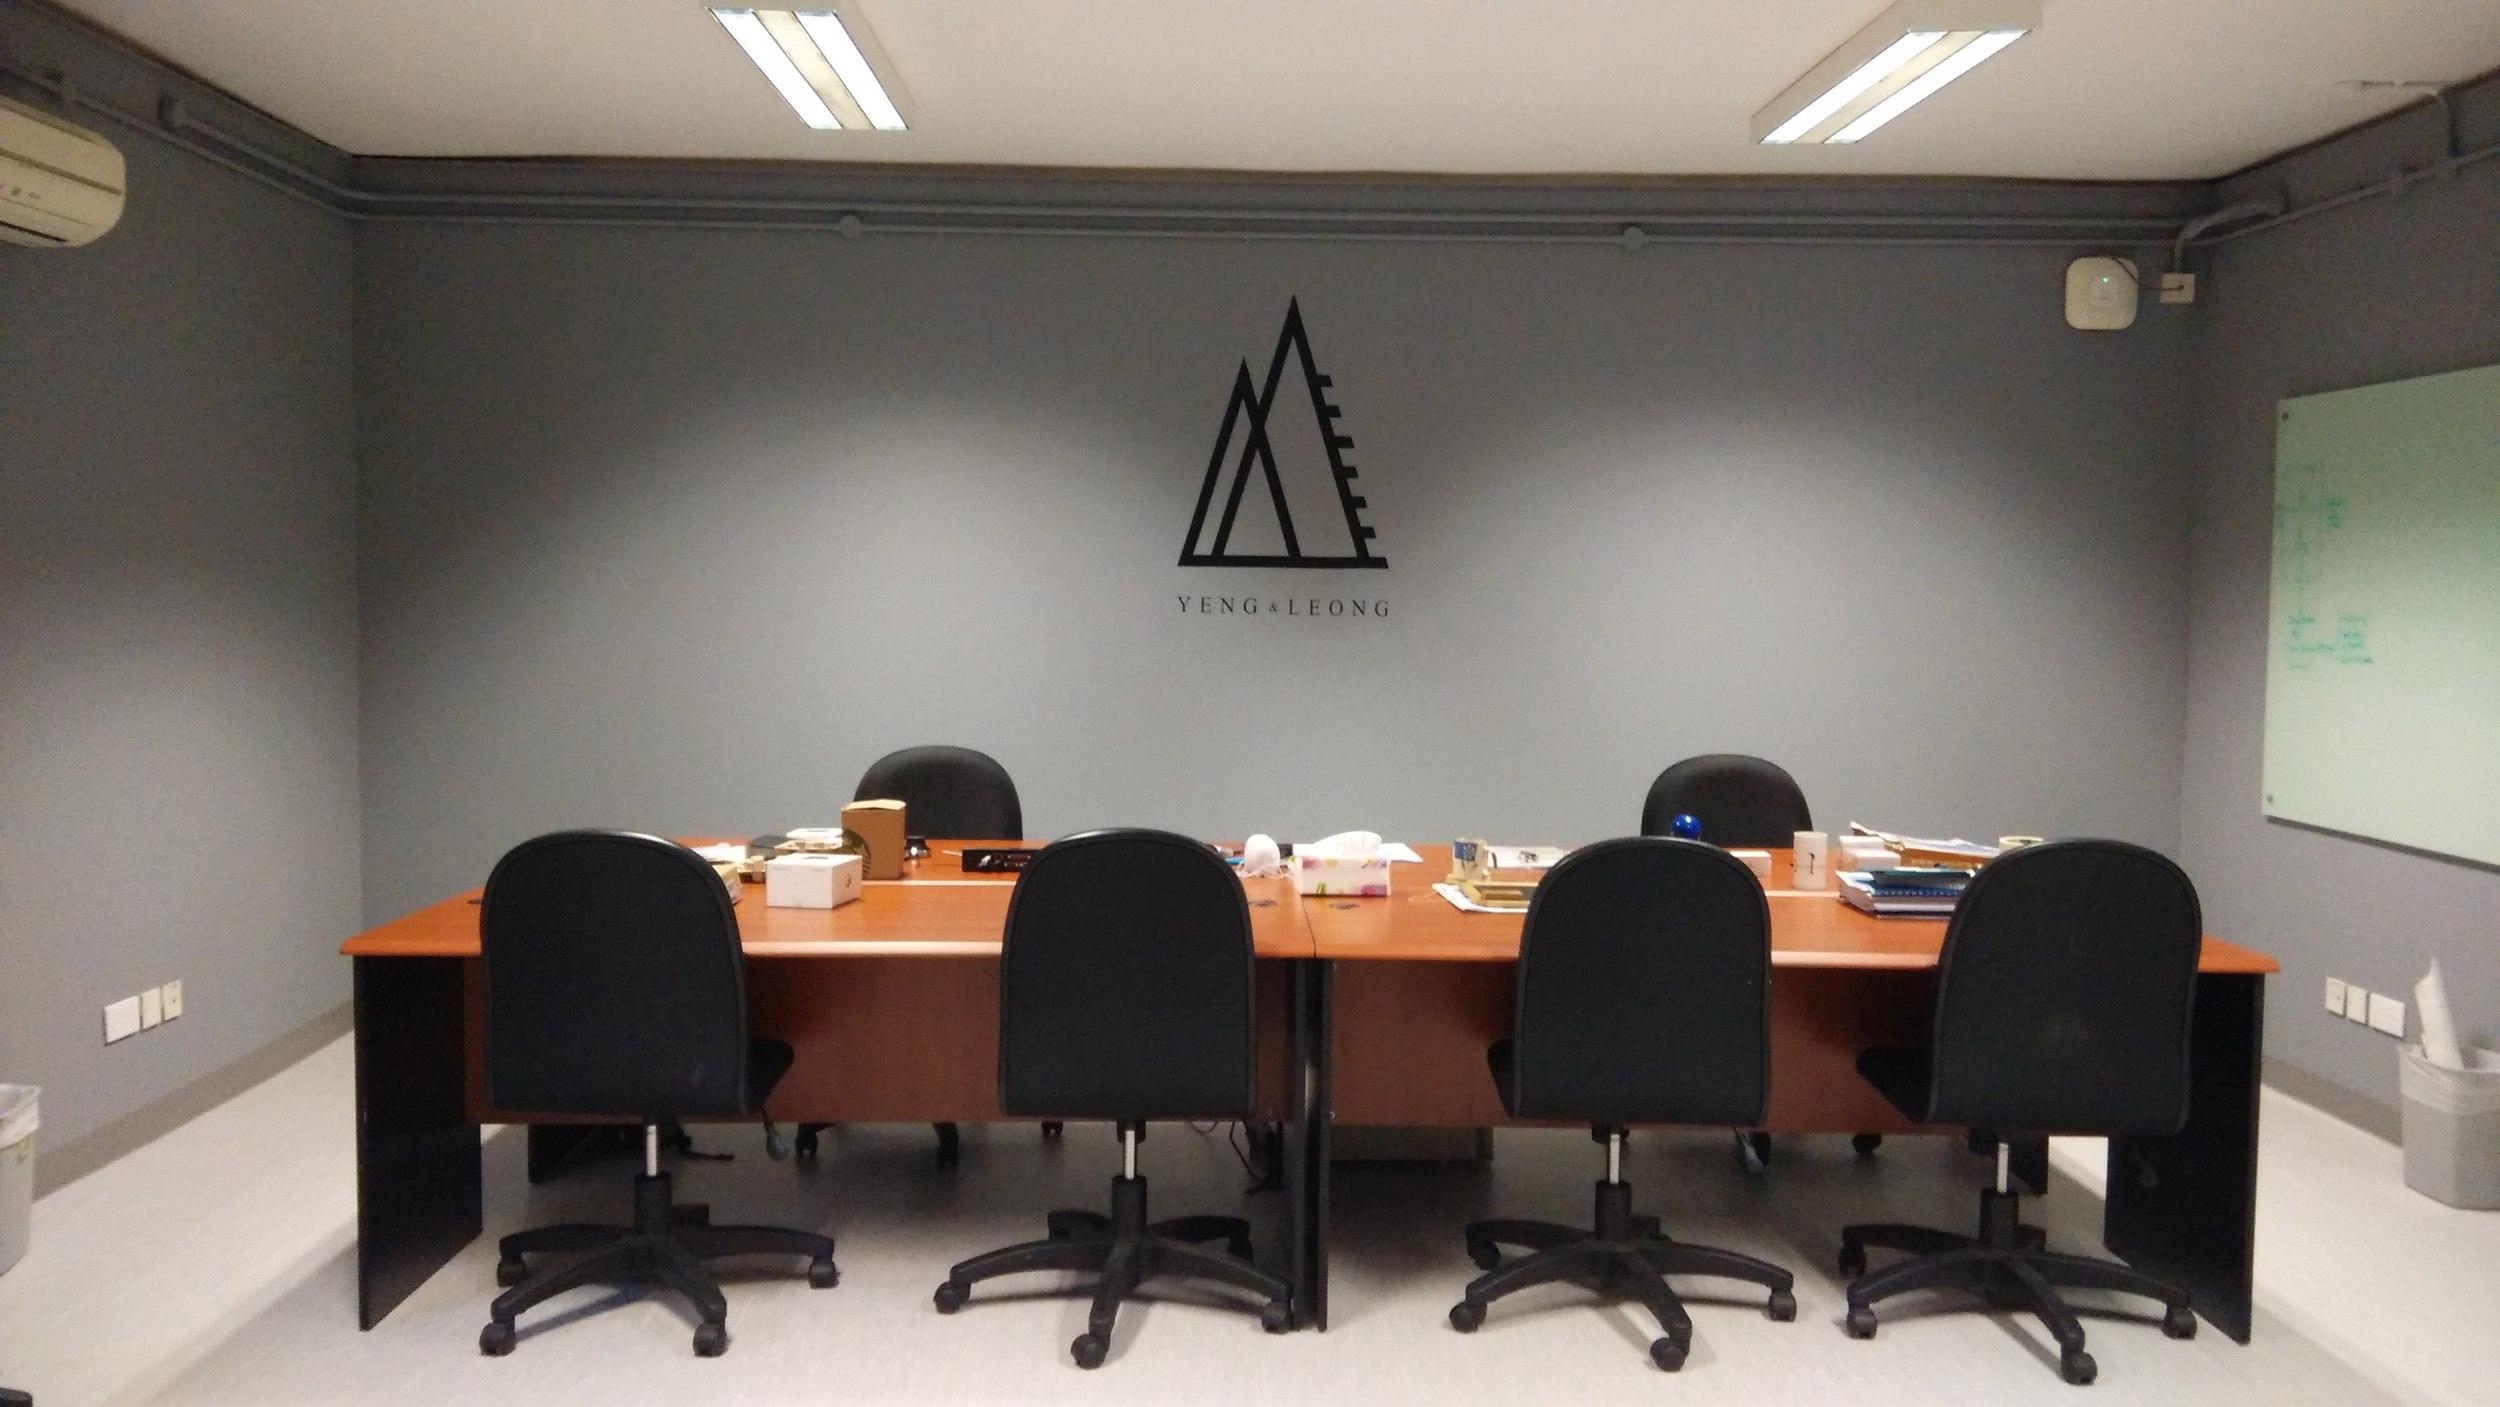 Yeng & Leong office.jpg